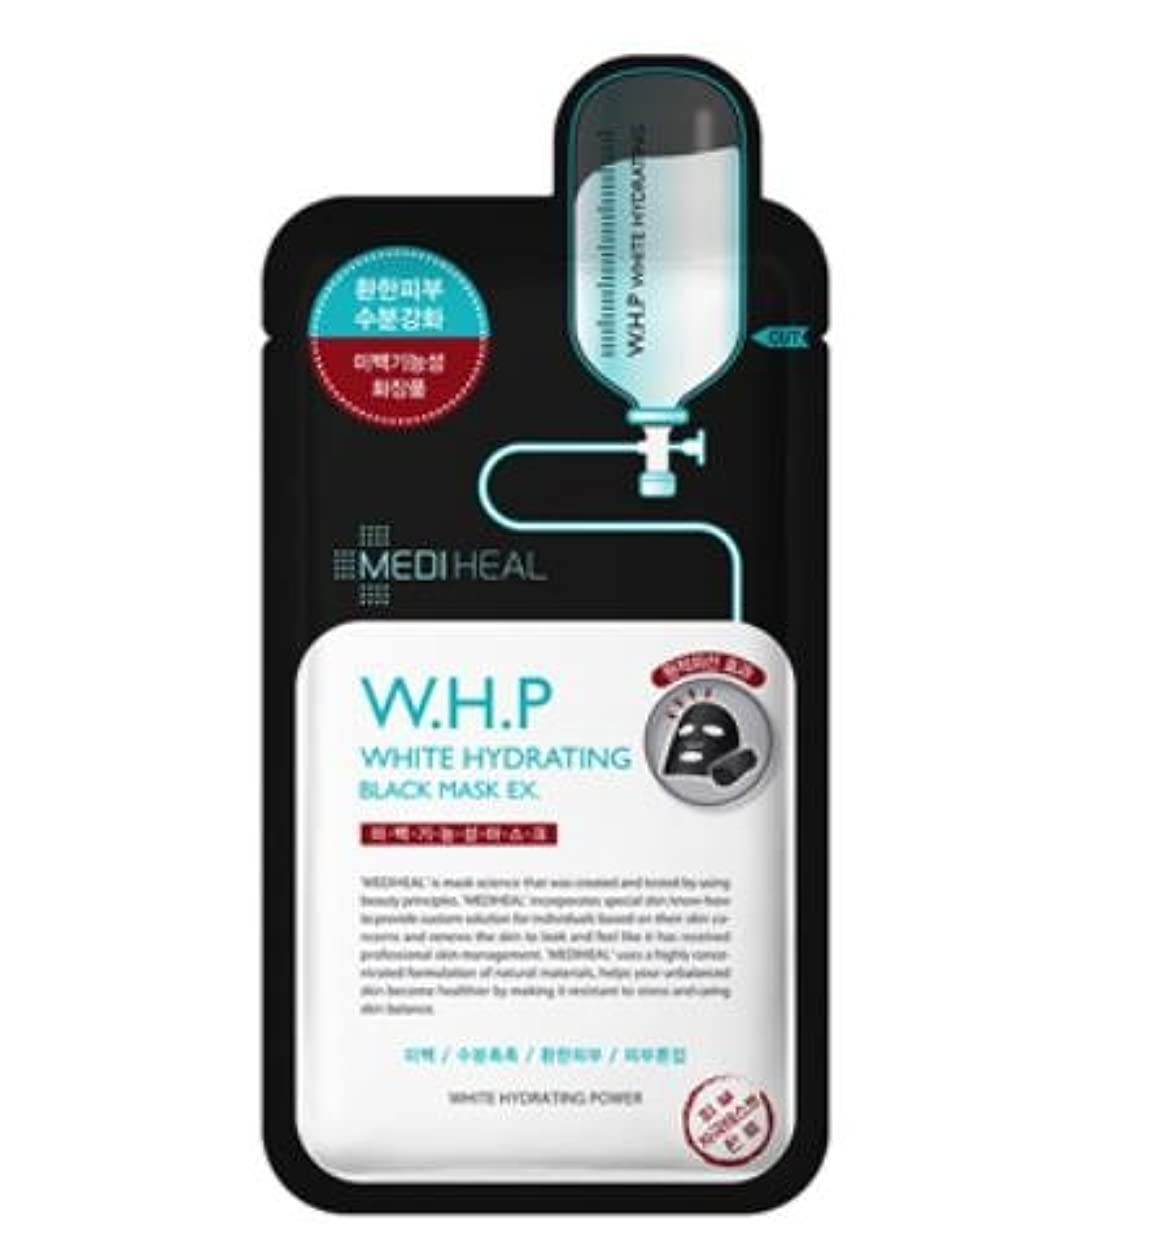 経営者誰か回想Mediheal W.H.P White Hydrating Black Mask 5EA メディヒール W.H.P 美白 水分 ブラック マスク (5枚) [並行輸入品]